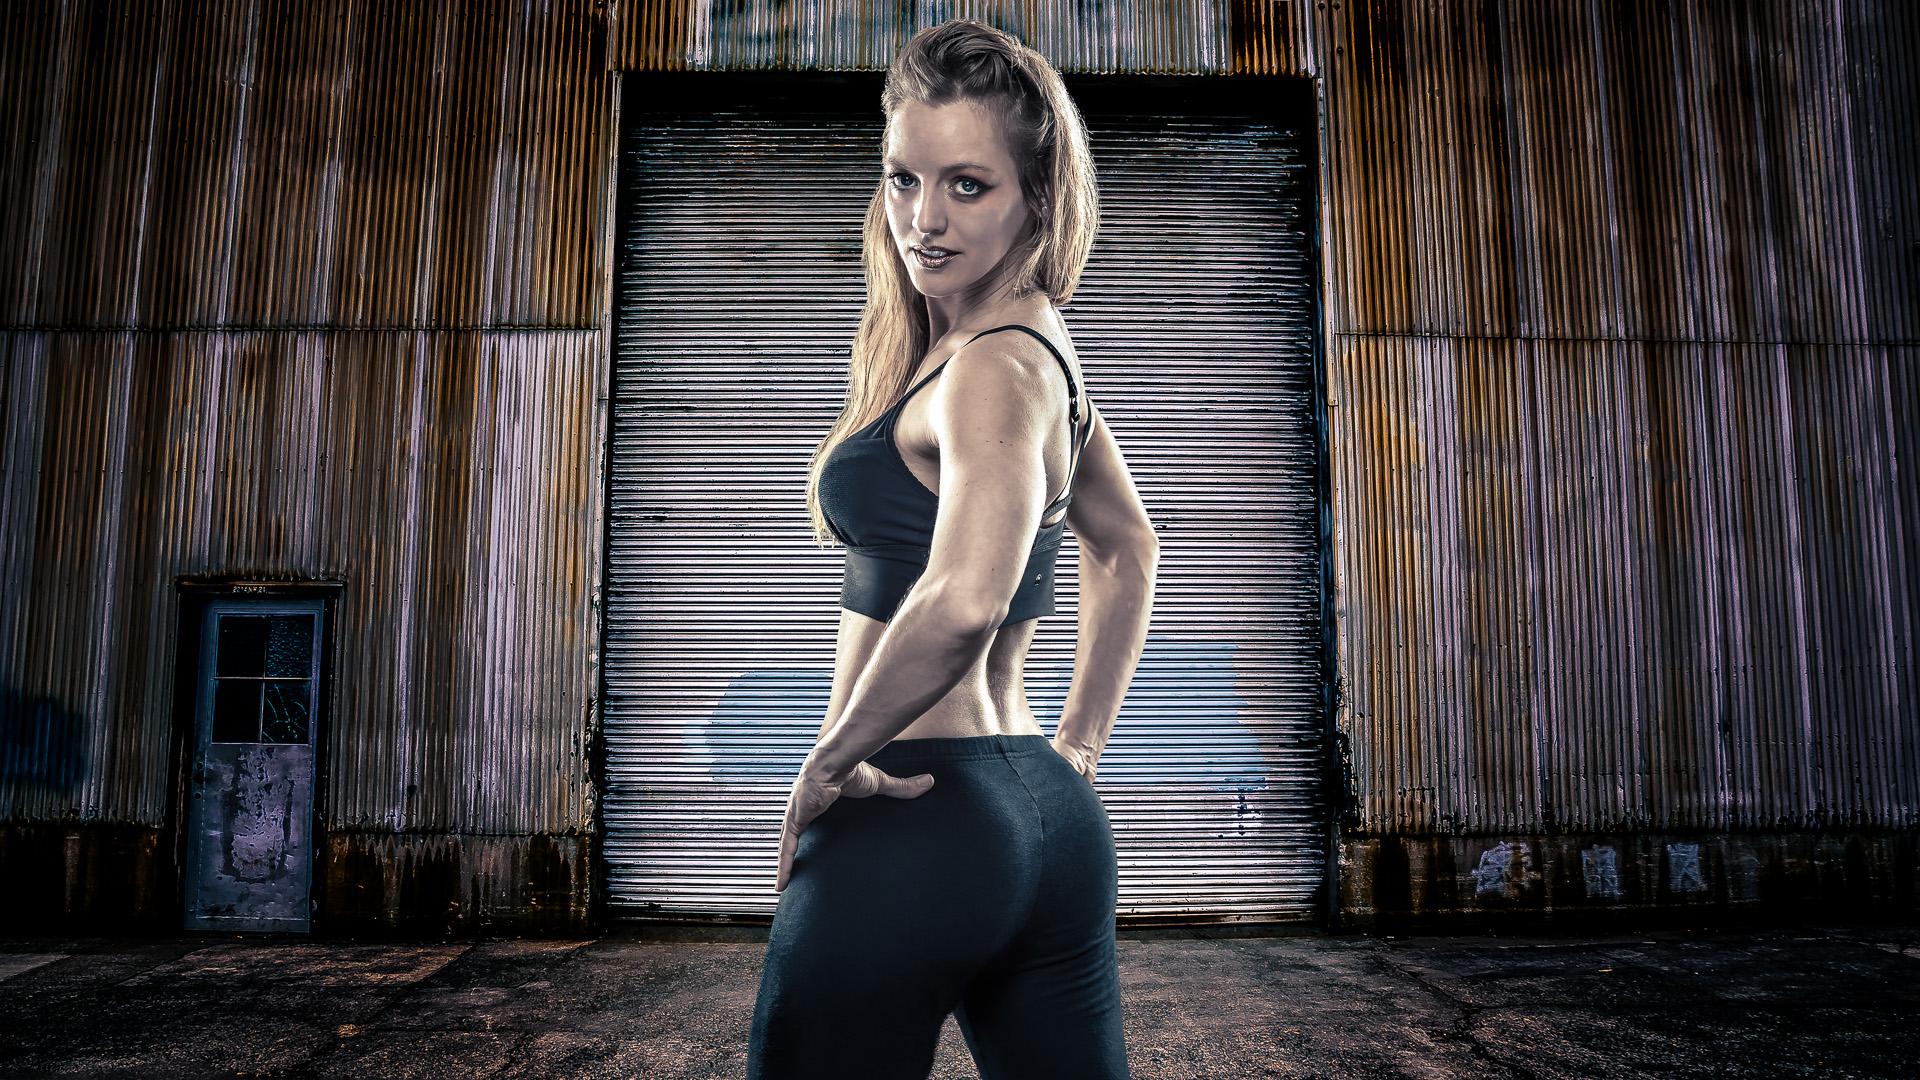 Portrait-Fitness-Conceptual